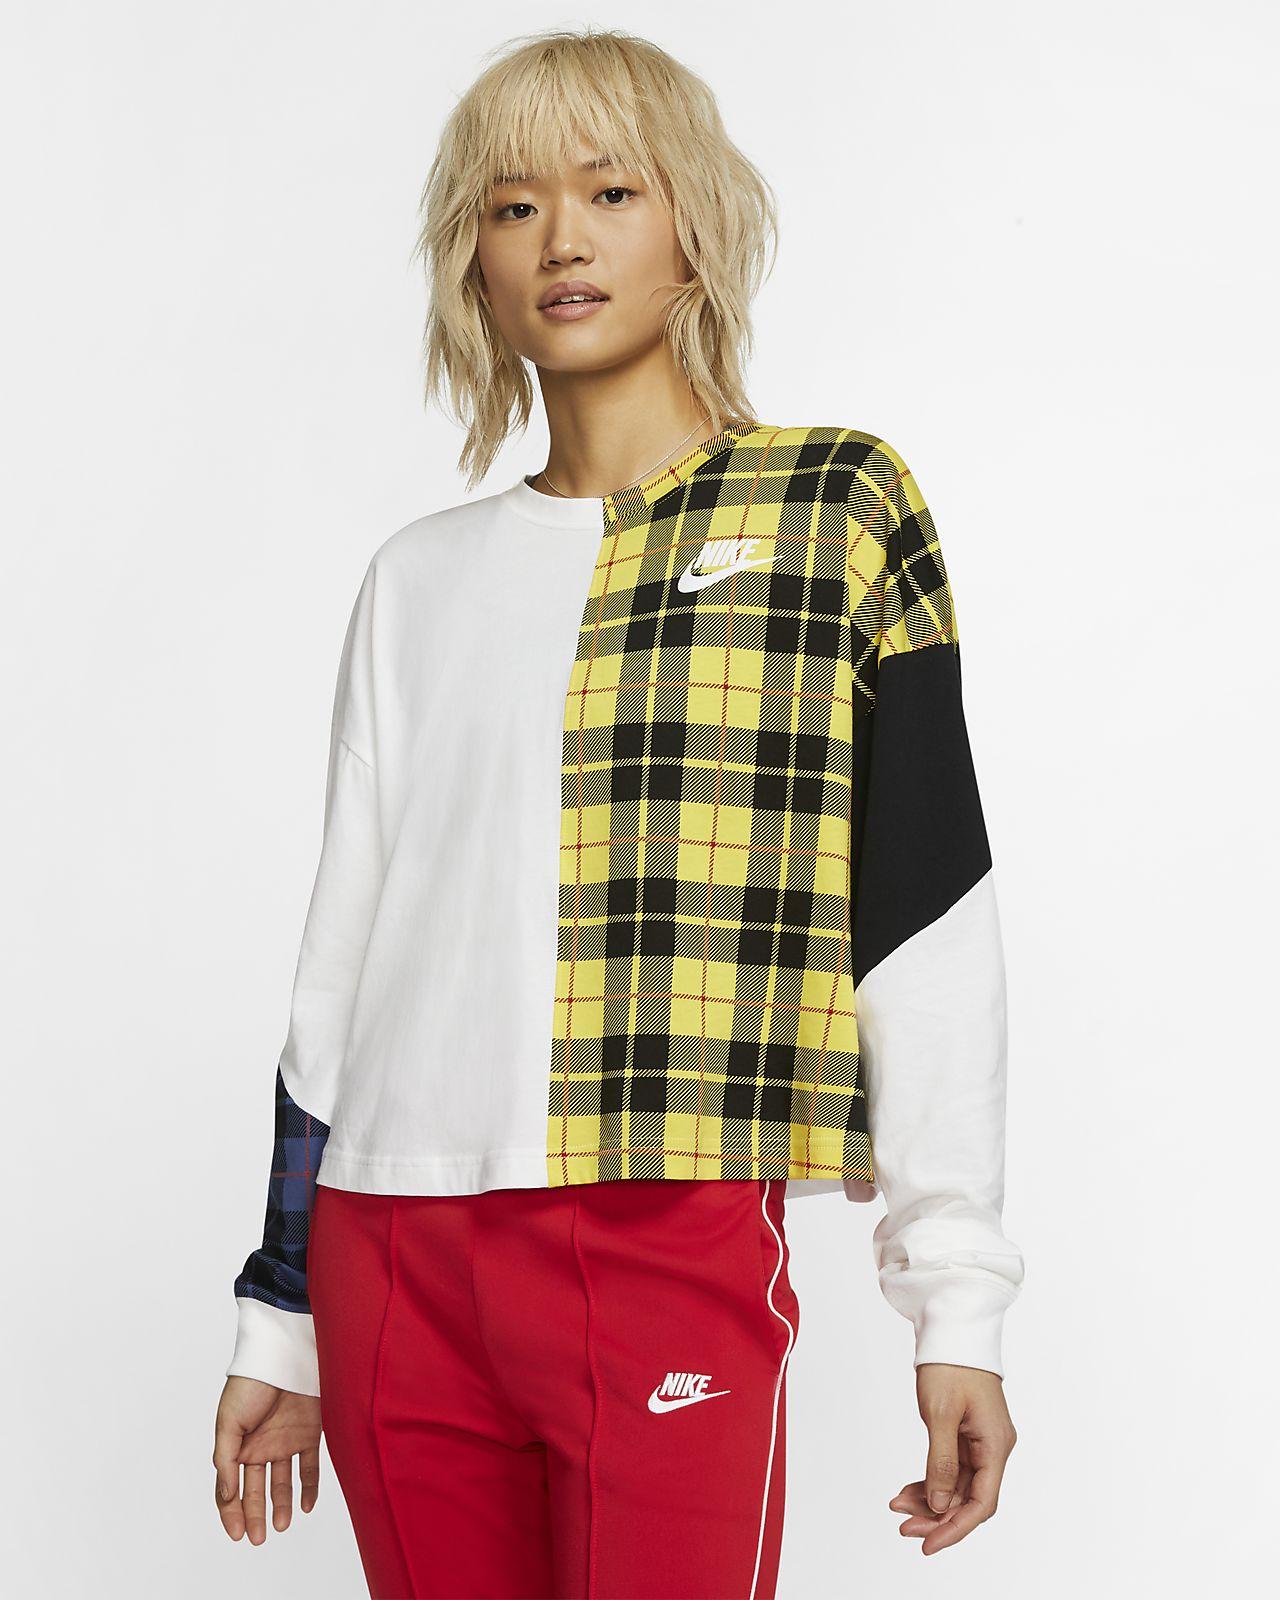 Nike Sportswear NSW Women's Long-Sleeve Checked Top